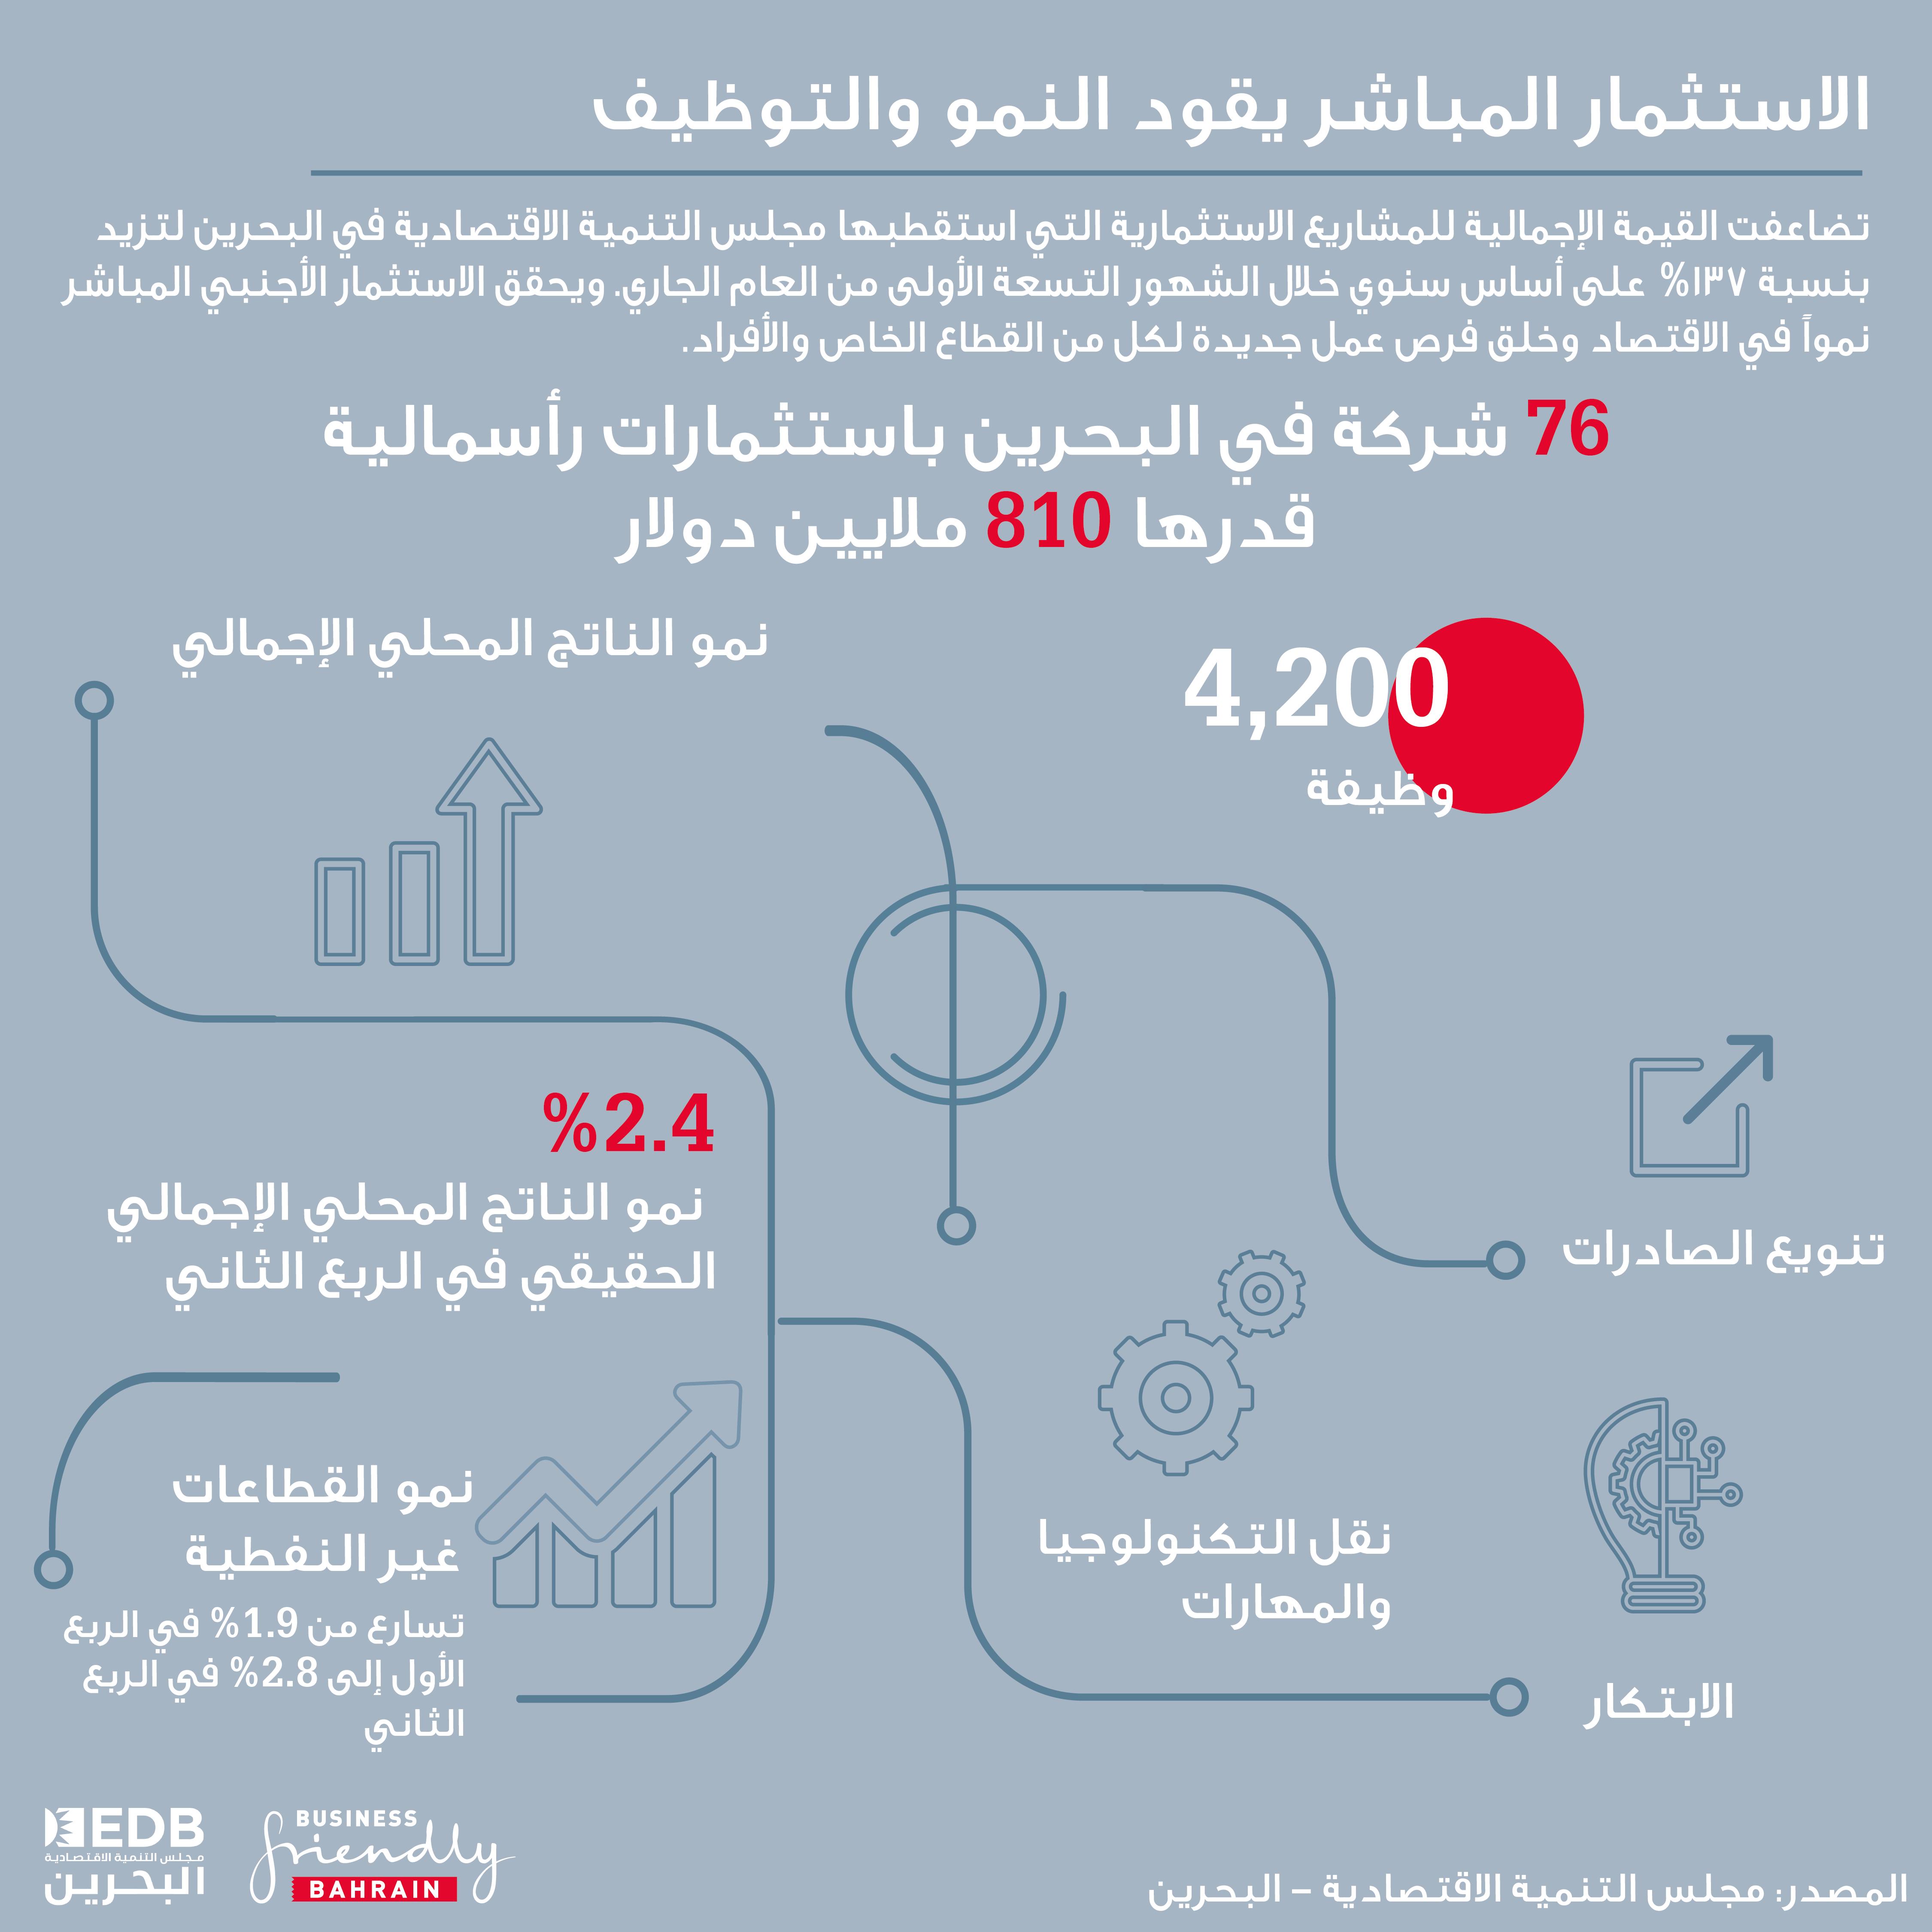 الناتج الإجمالي الحقيقي للبحرين ينمو بنسبة 2.4% في الربع الثاني من 2018